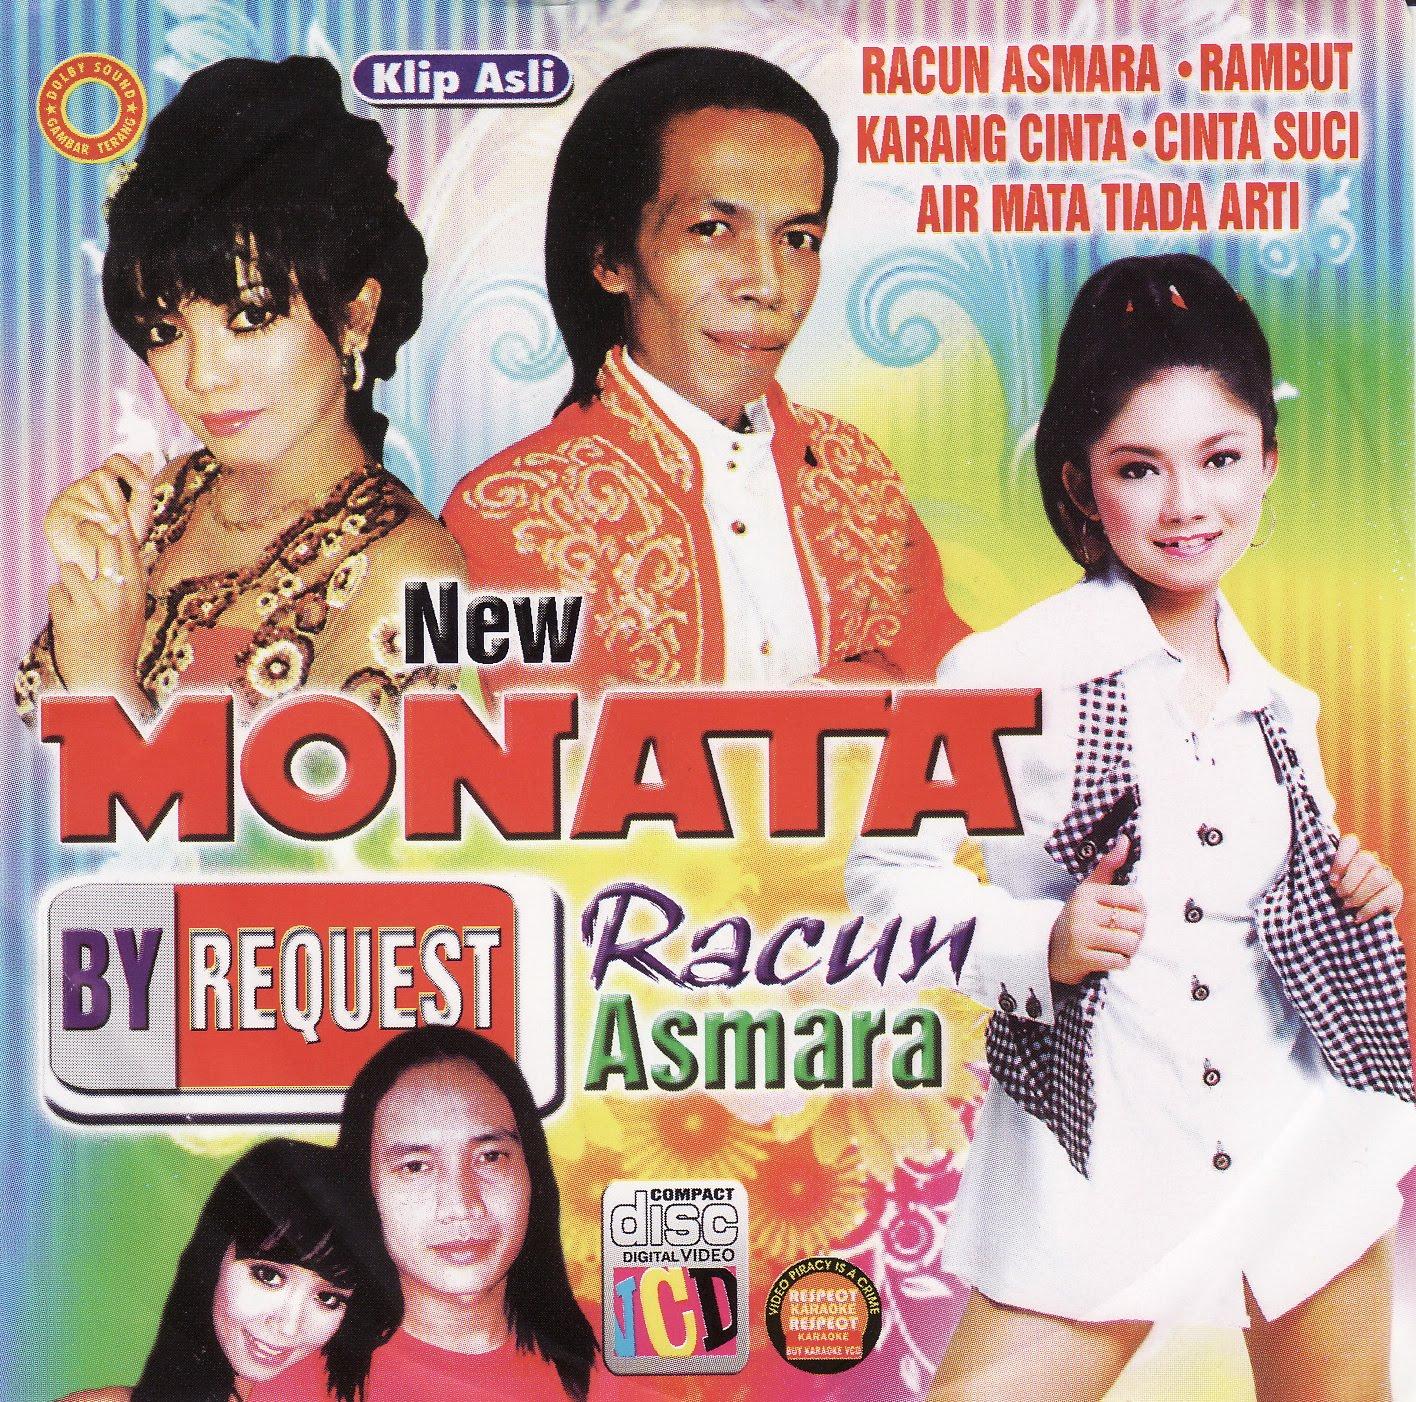 Download Lagu Dangdut Meraih Bintang: Monata By Request